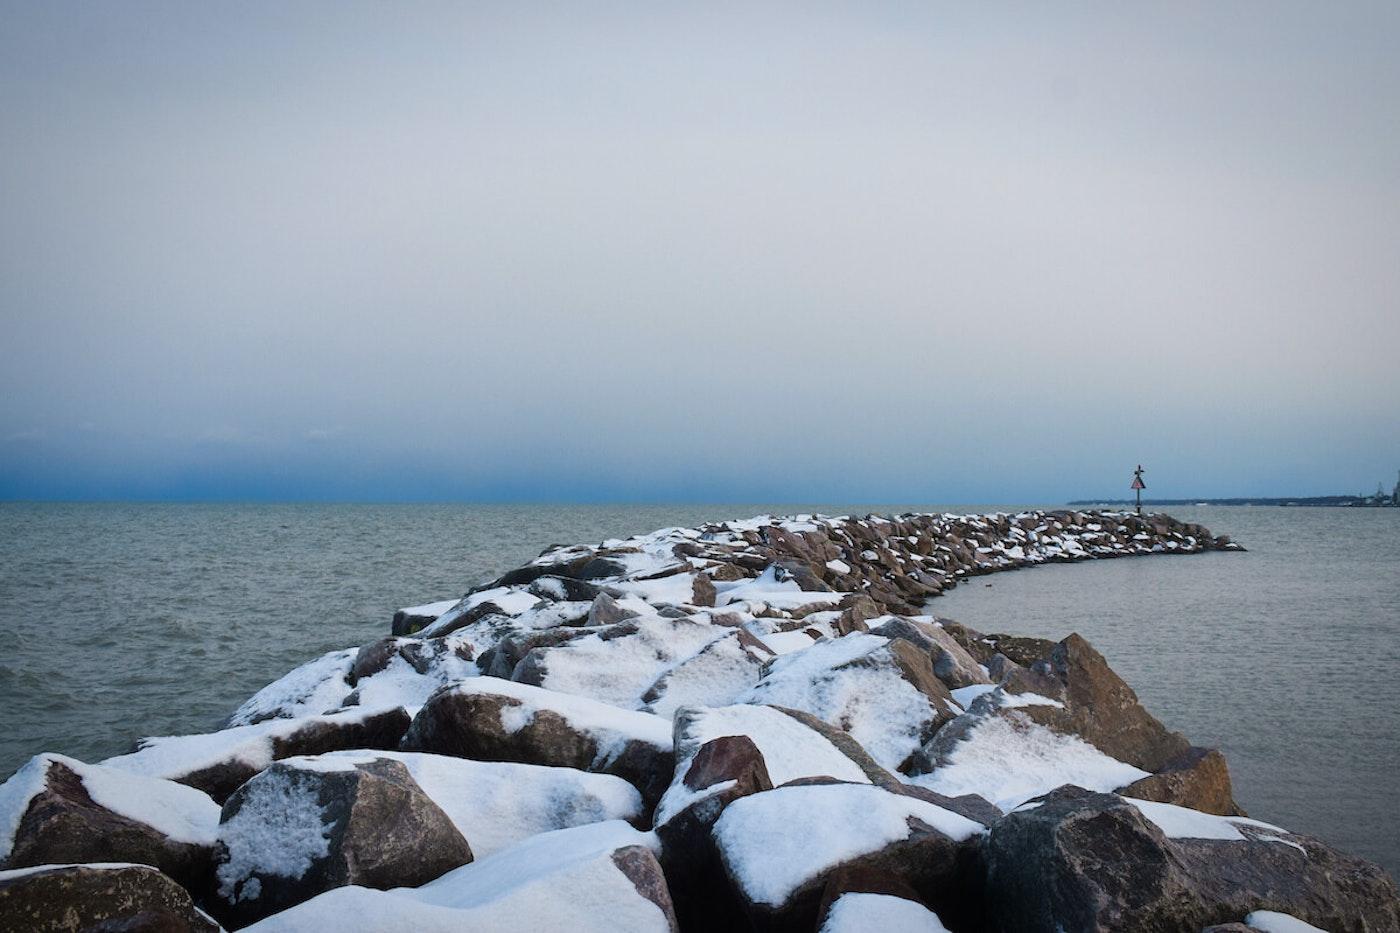 Lake Michigan is seen from Oak Creek's Bender Park. (Photo by Jonathon Sadowski)